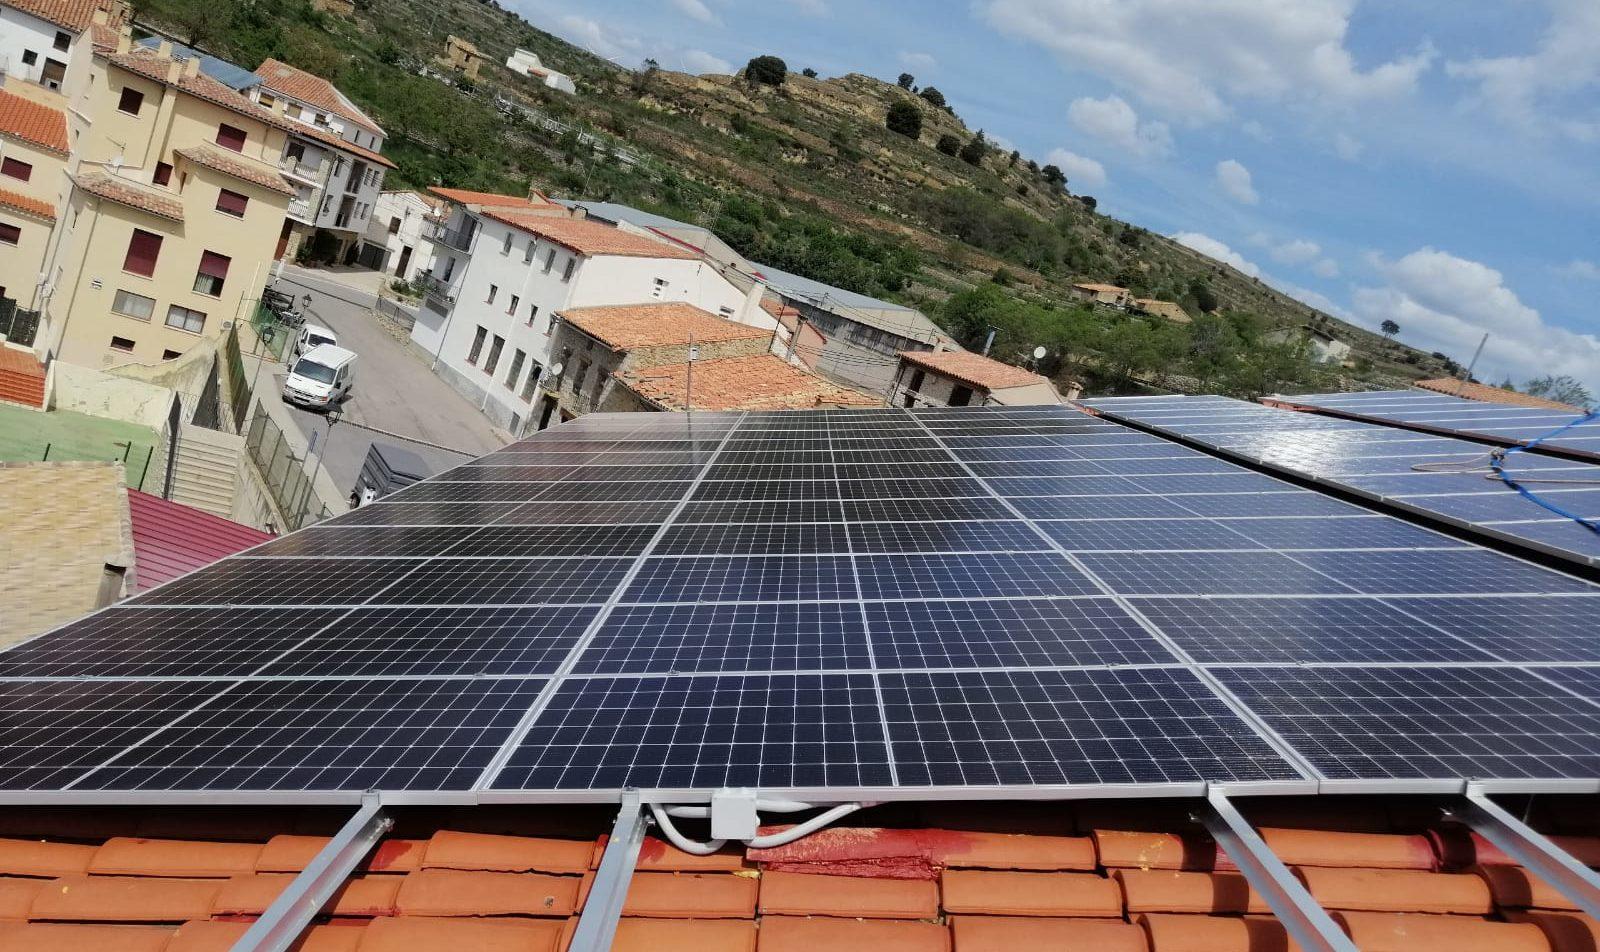 Portell instal·la més plaques solars al poliesportiu en una aposta 'decidida per l'energia solar'